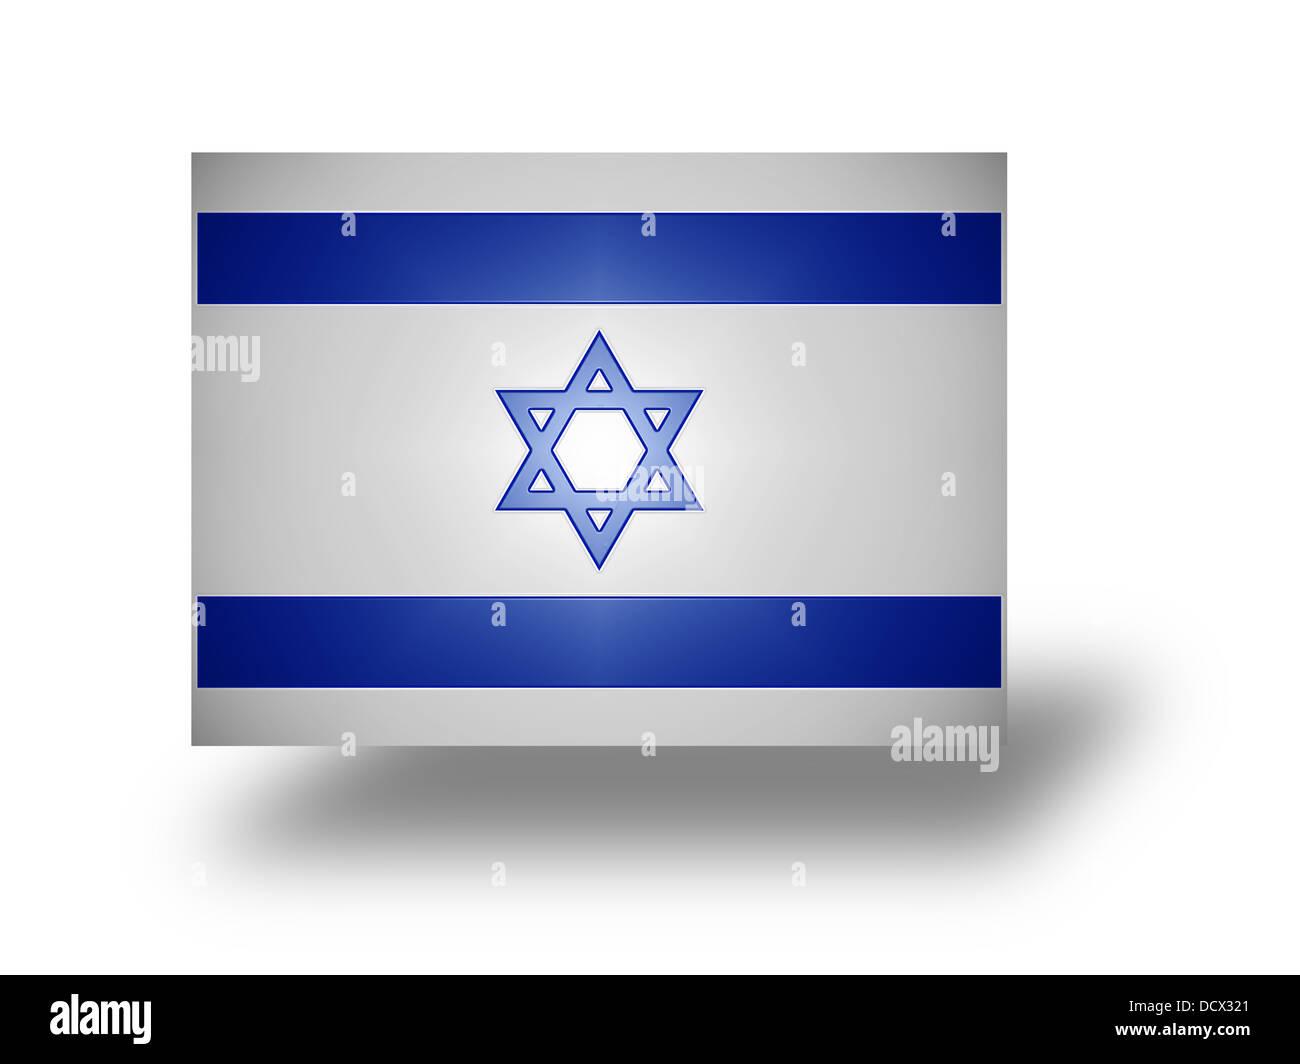 Flag of Israel (stylized I). - Stock Image